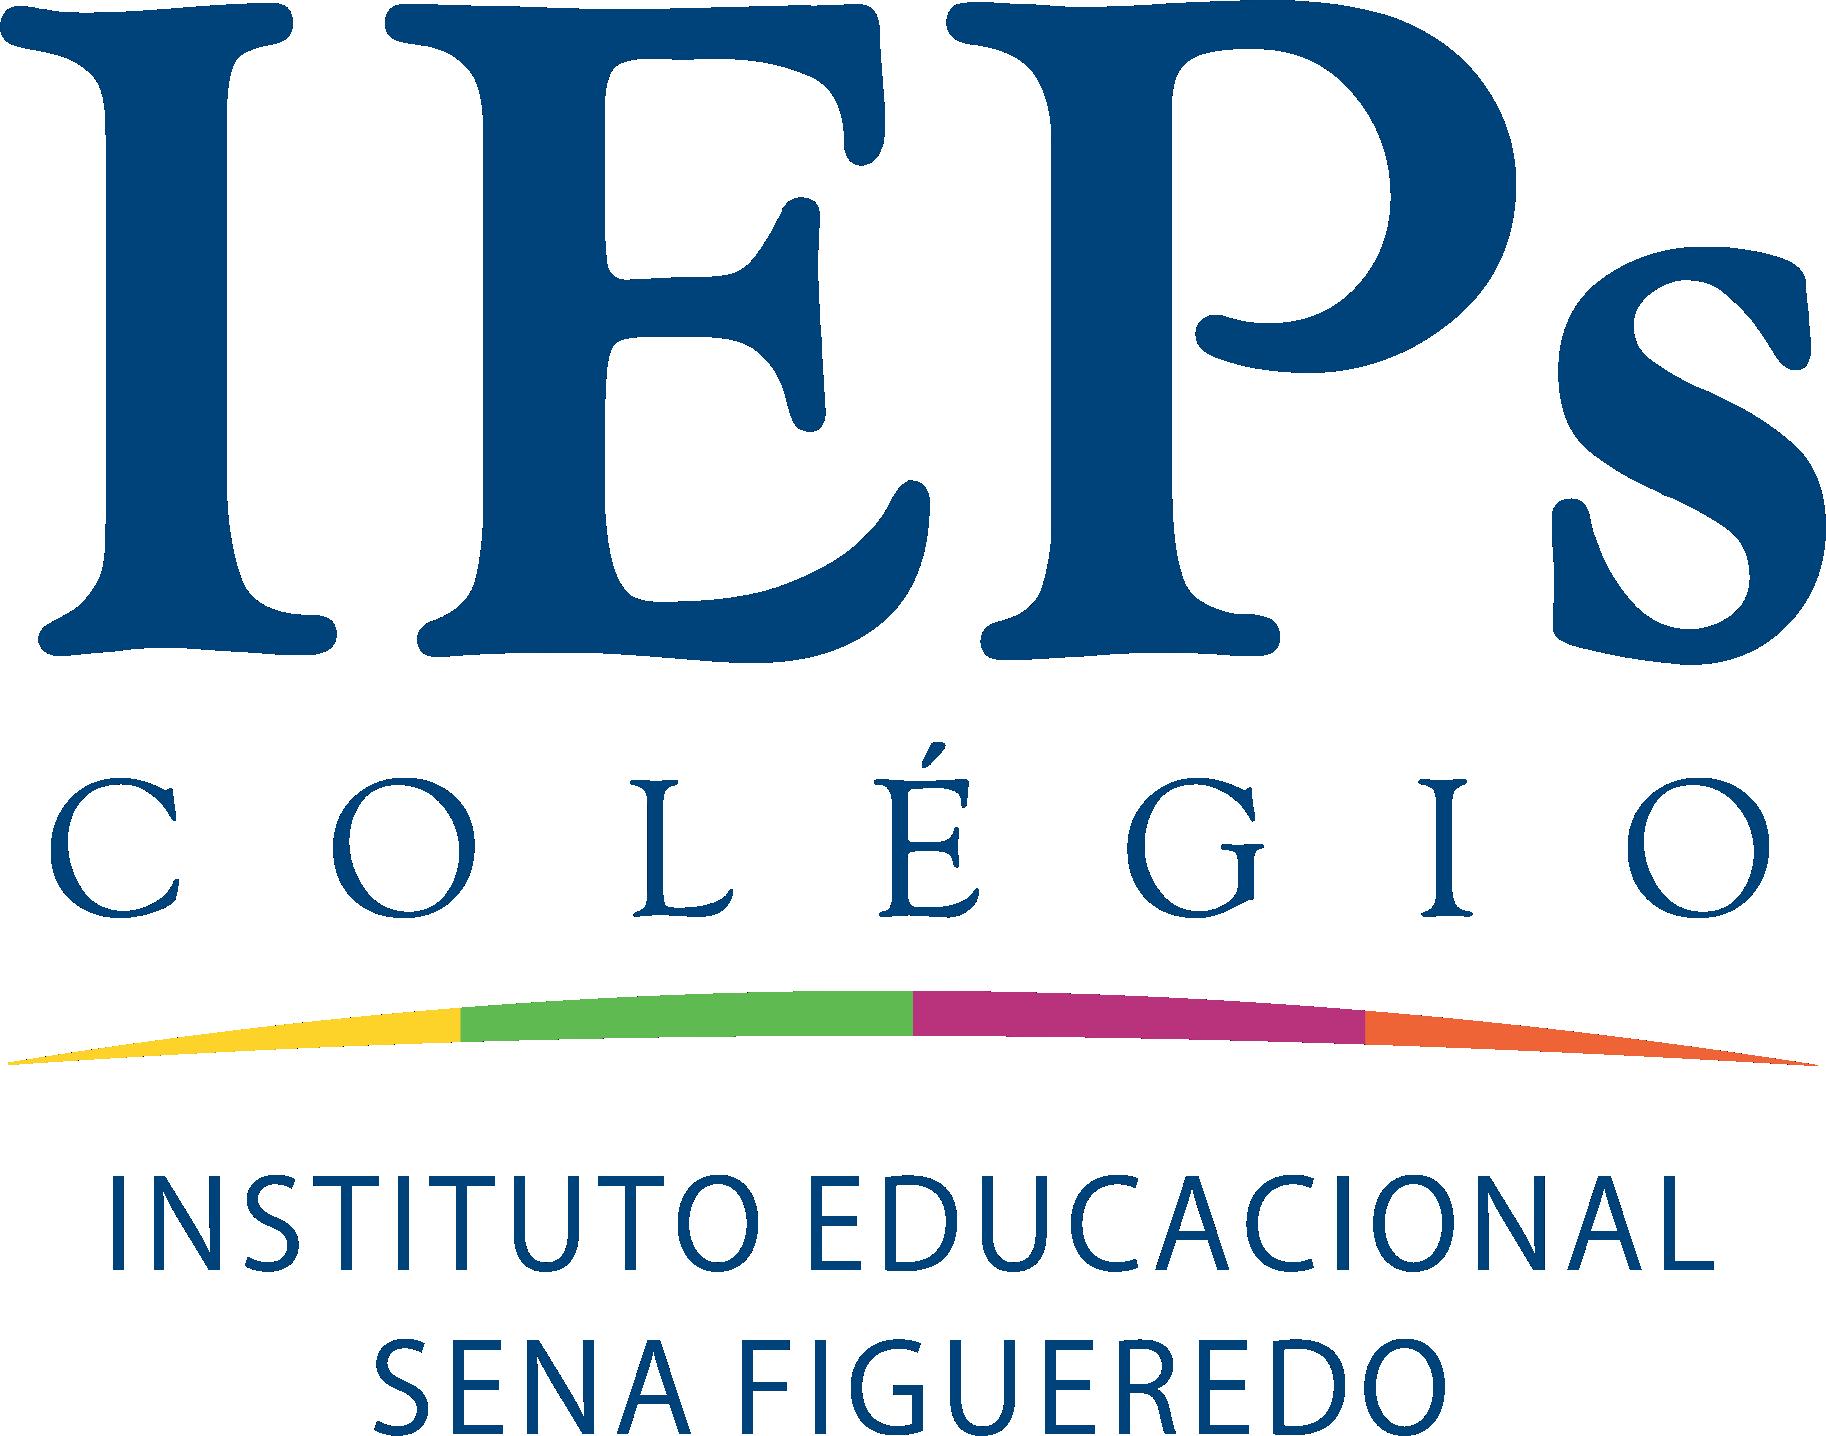 INSTITUTO EDUCACIONAL SENA FIGUEREDO